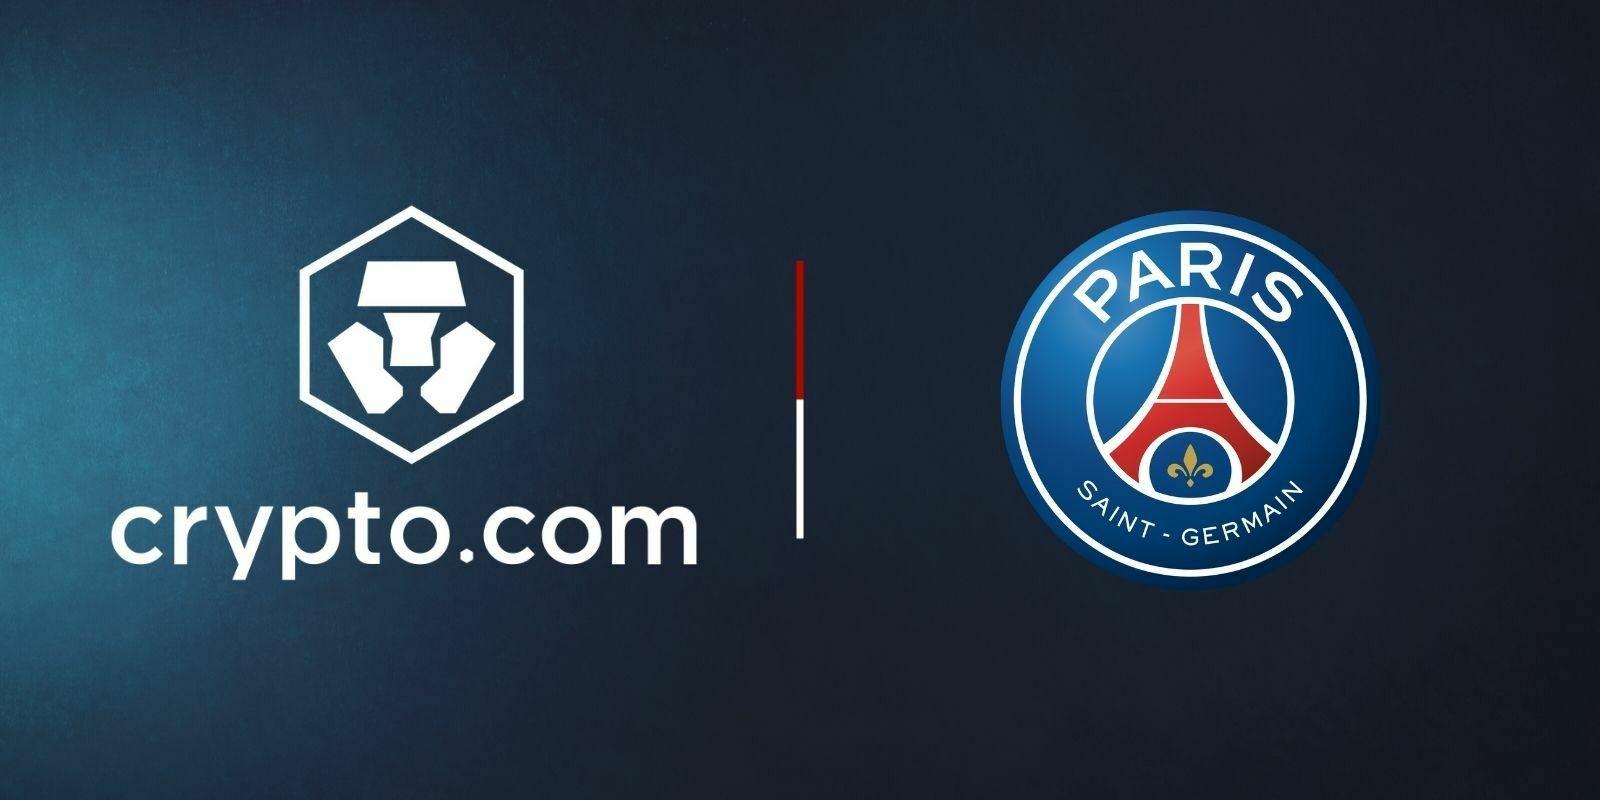 Crypto.com (CRO) s'offre un partenariat pluriannuel avec le Paris Saint-Germain (PSG)